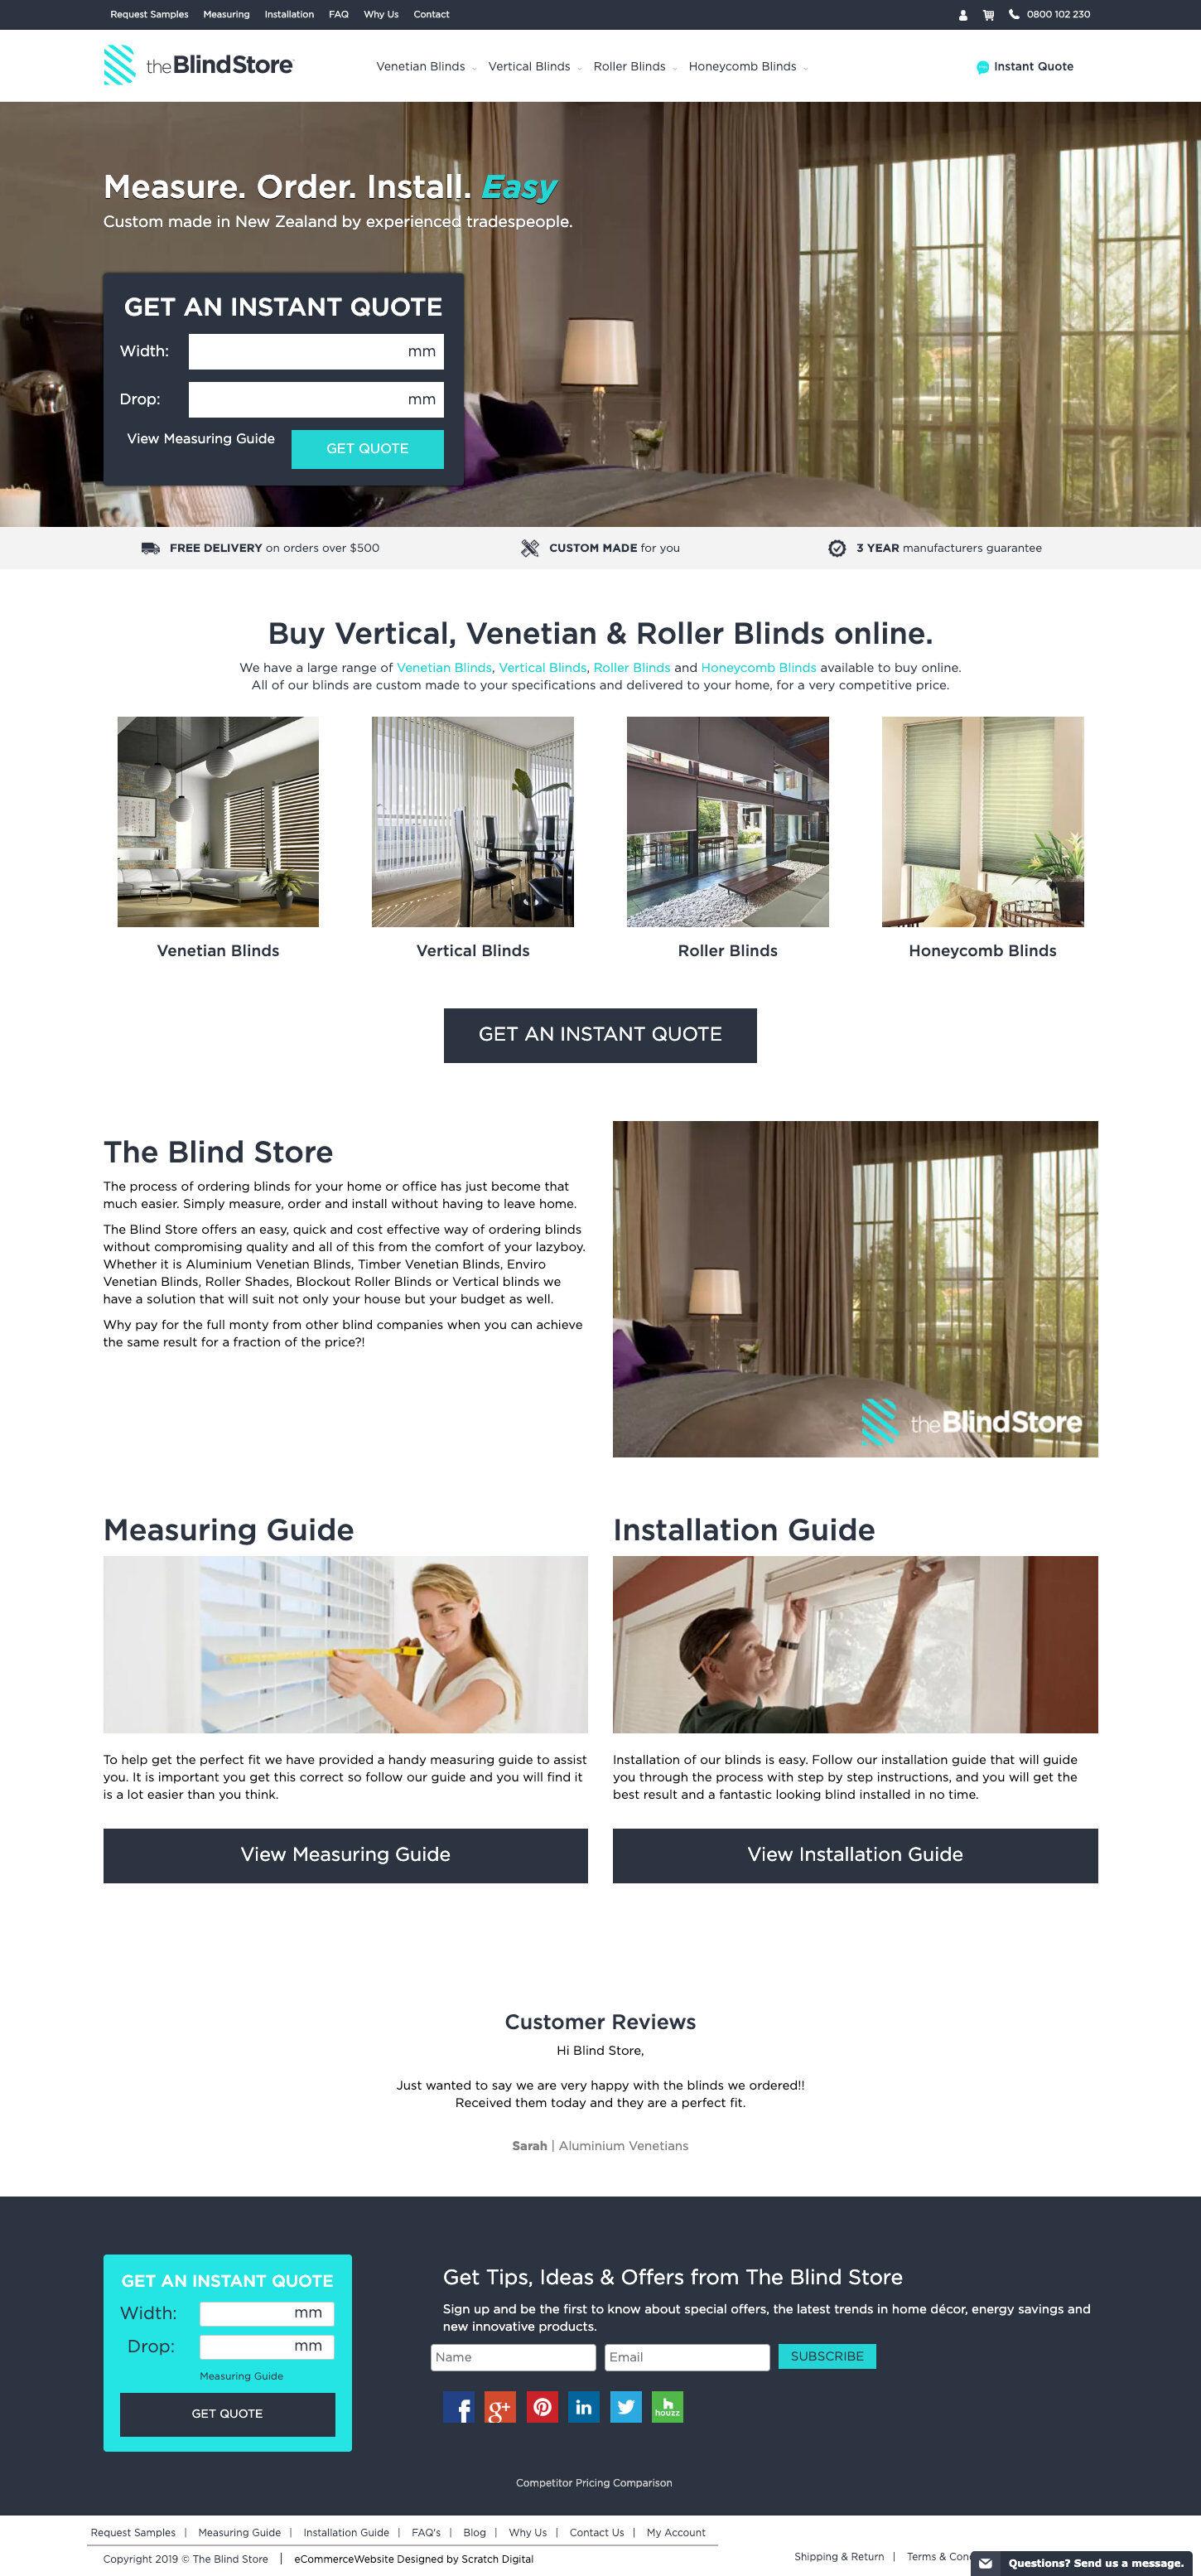 ss theblindstore ecommerce website design home dt